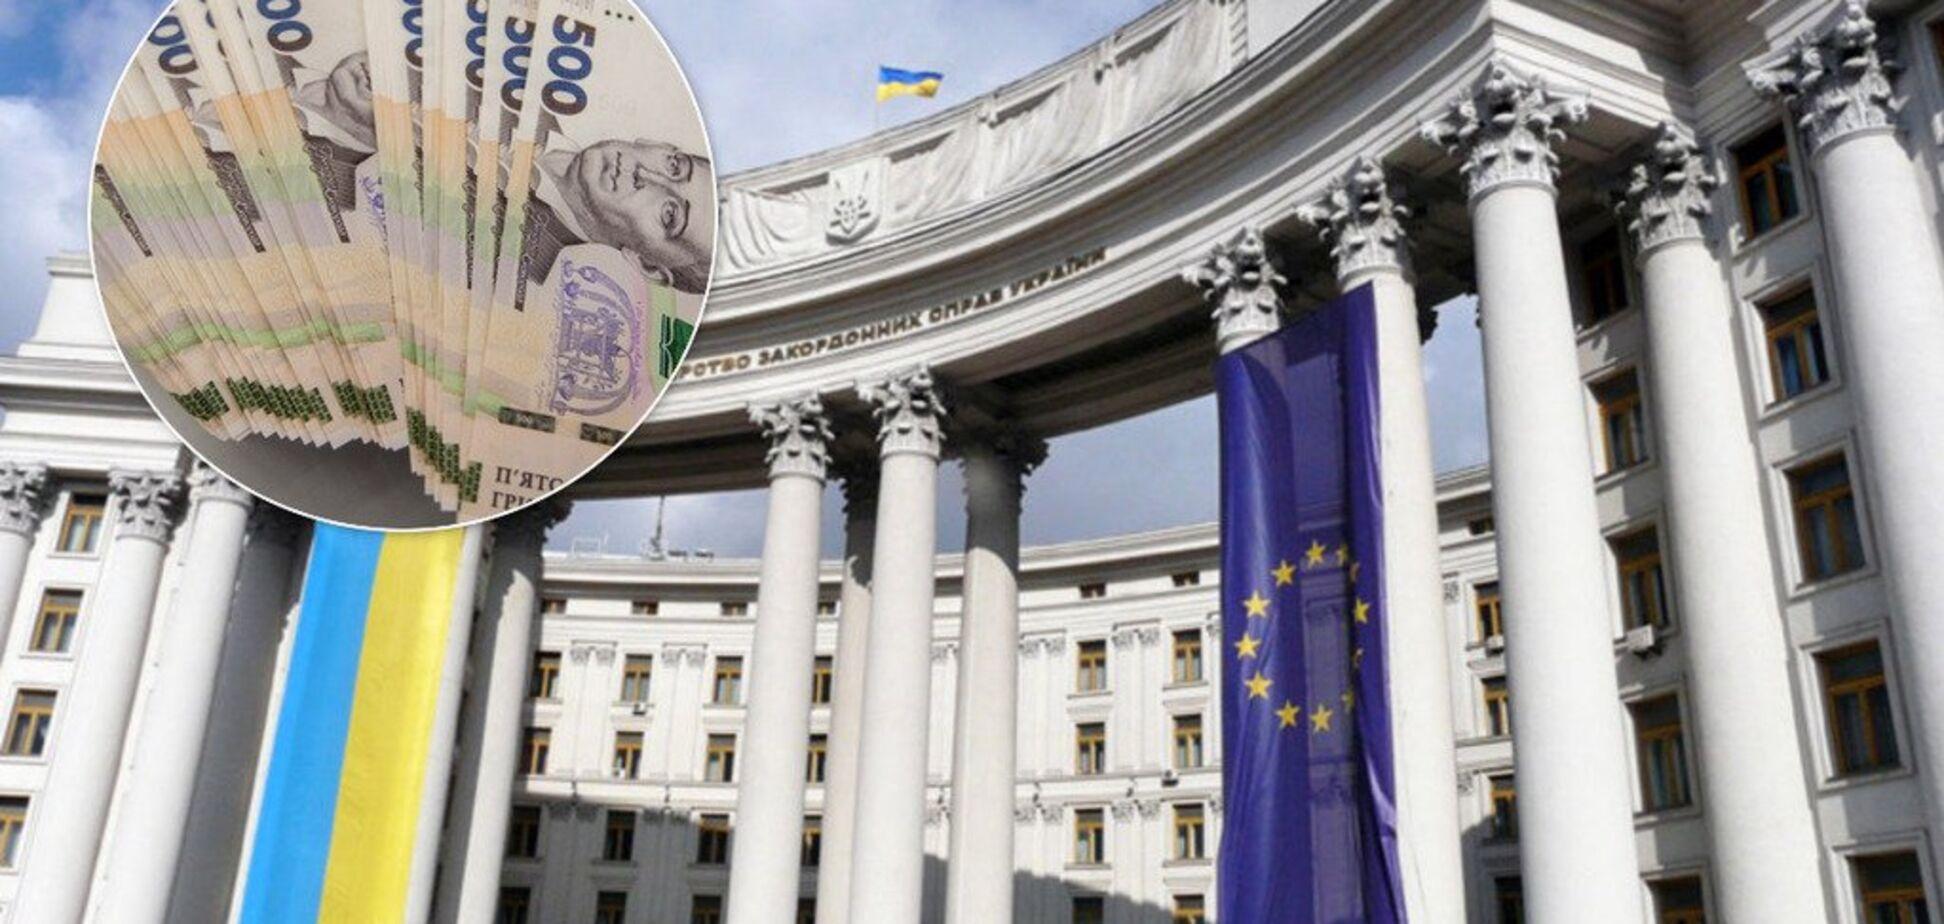 Голова МЗС України у грудні заробив 234 тис. грн: як так вийшло